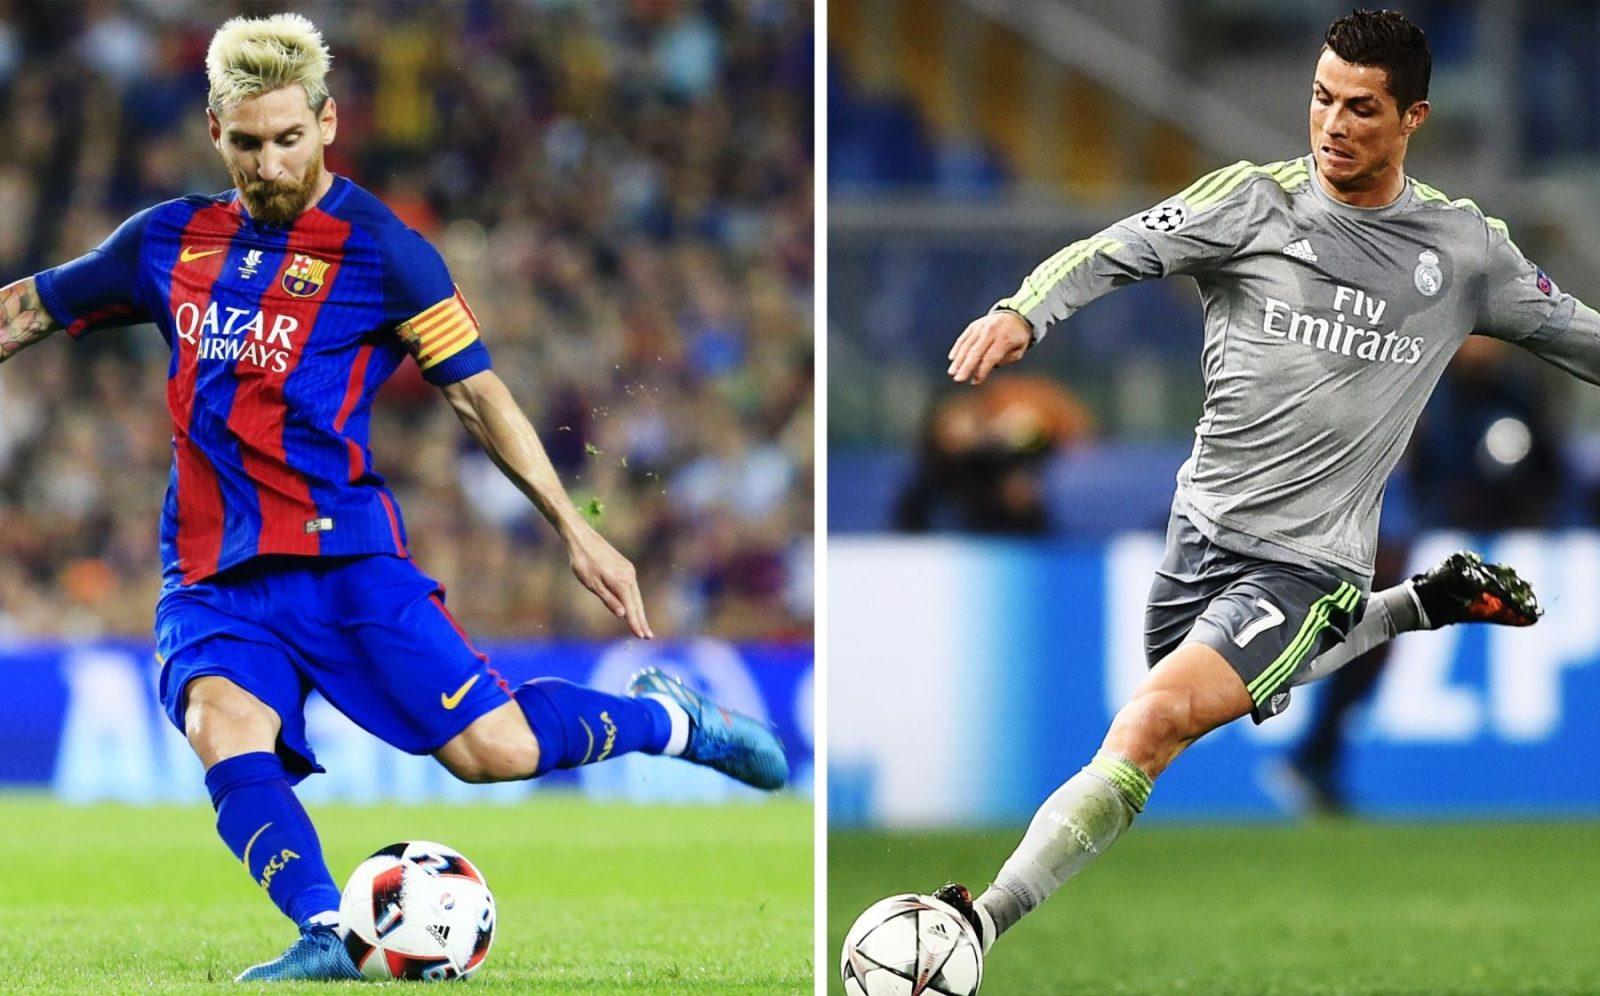 ¡Messi vs Ronaldo! Uno de los mayores enfrentamientos que los fanáticos del Man City se han vuelto locos por el sorteo